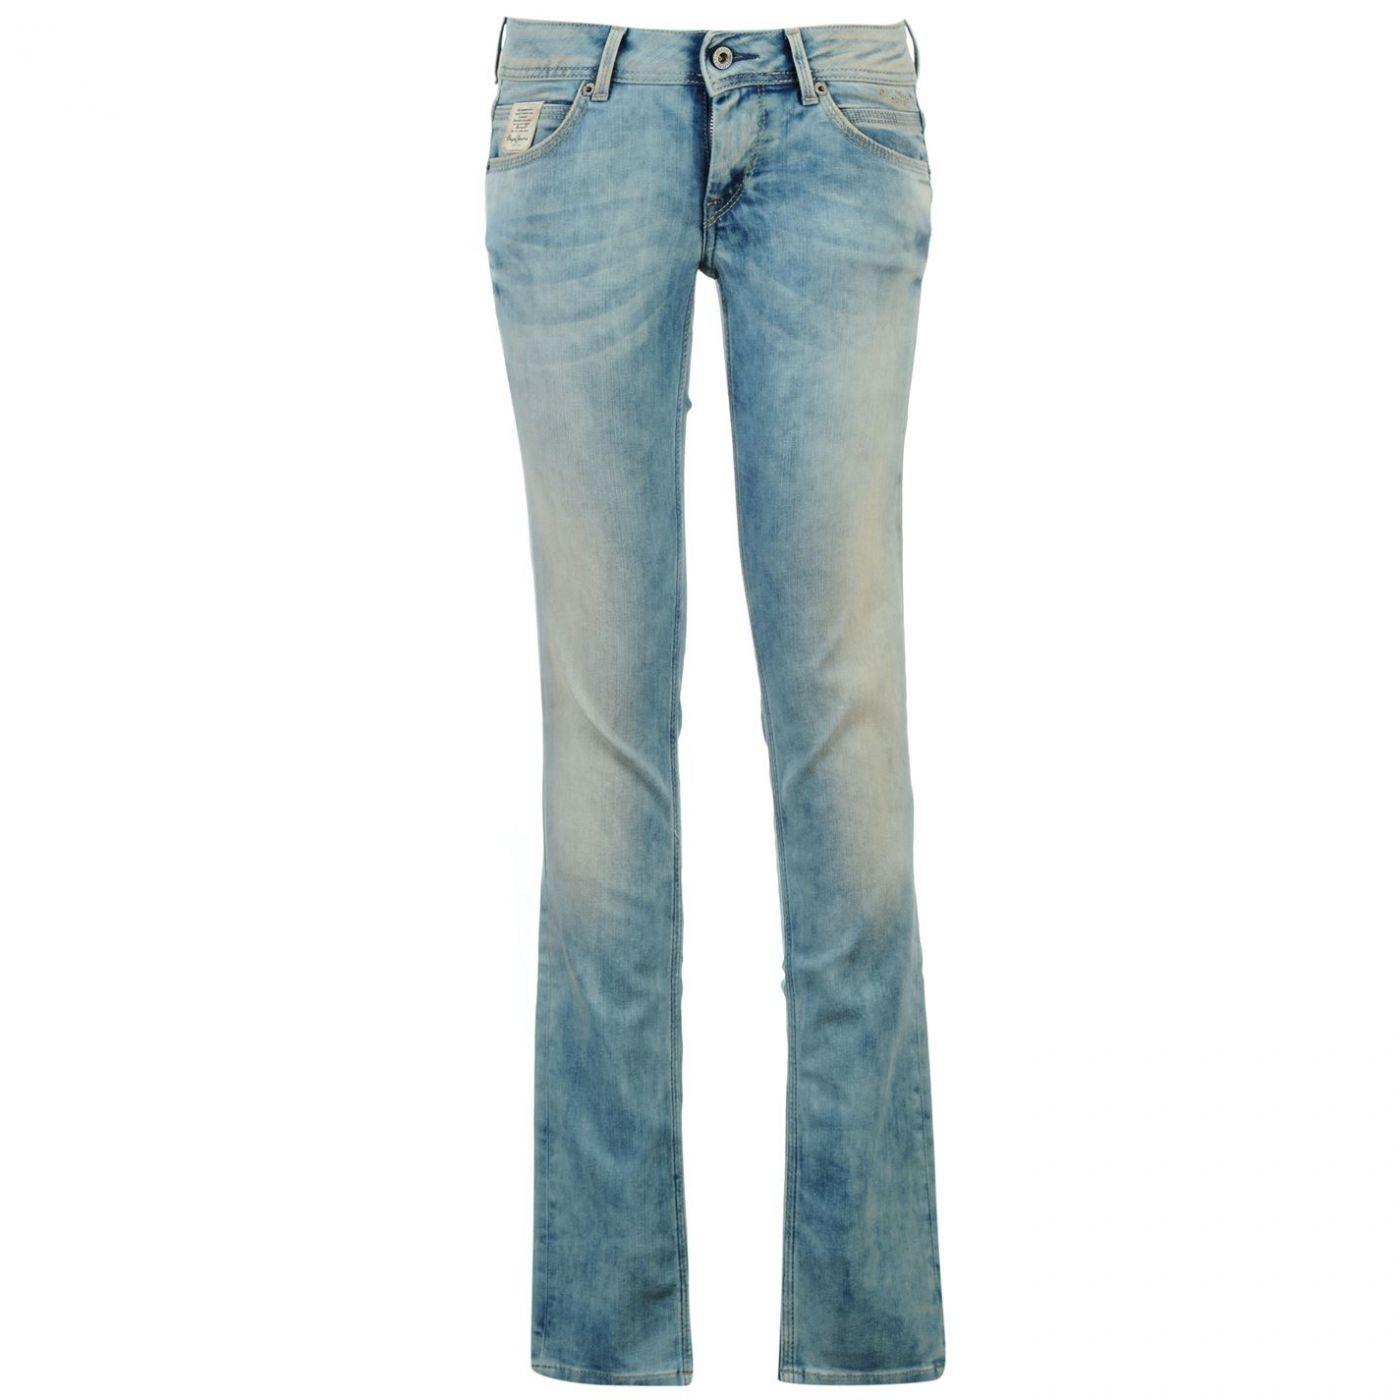 Pepe Jeans Ariel Jeans Ladies